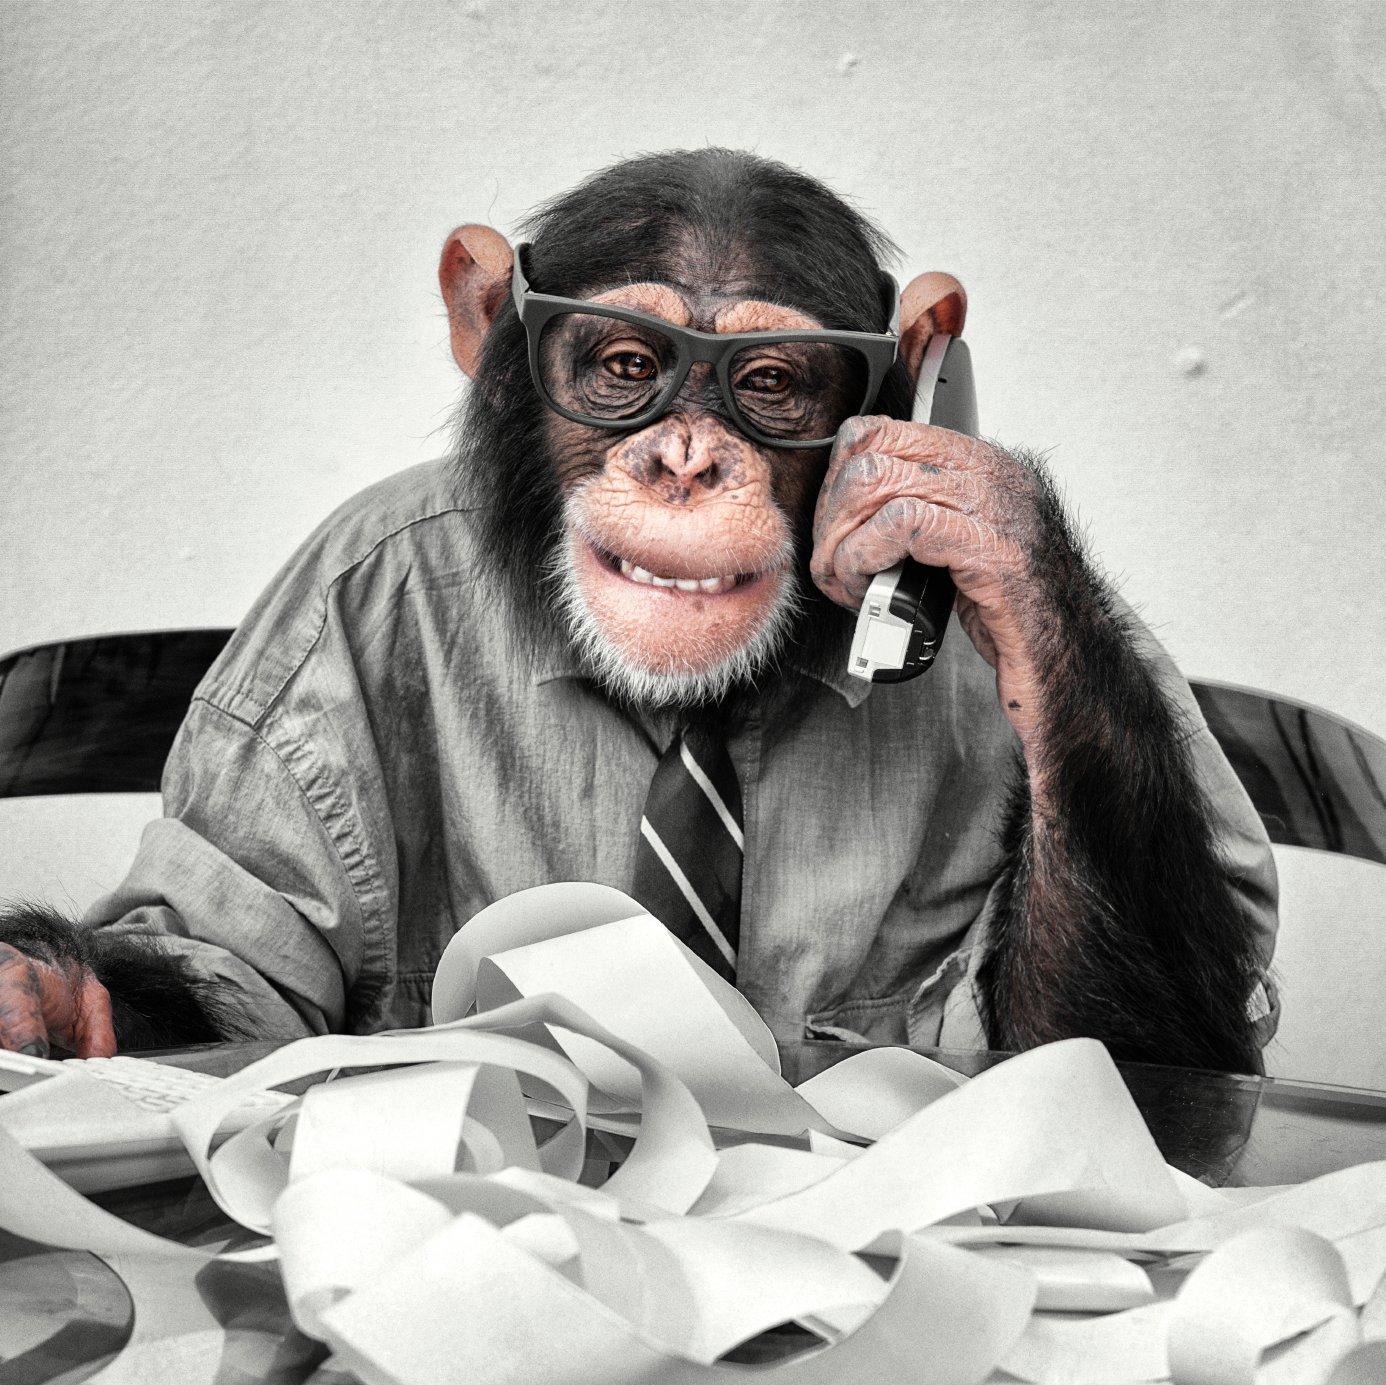 chaos_chimp